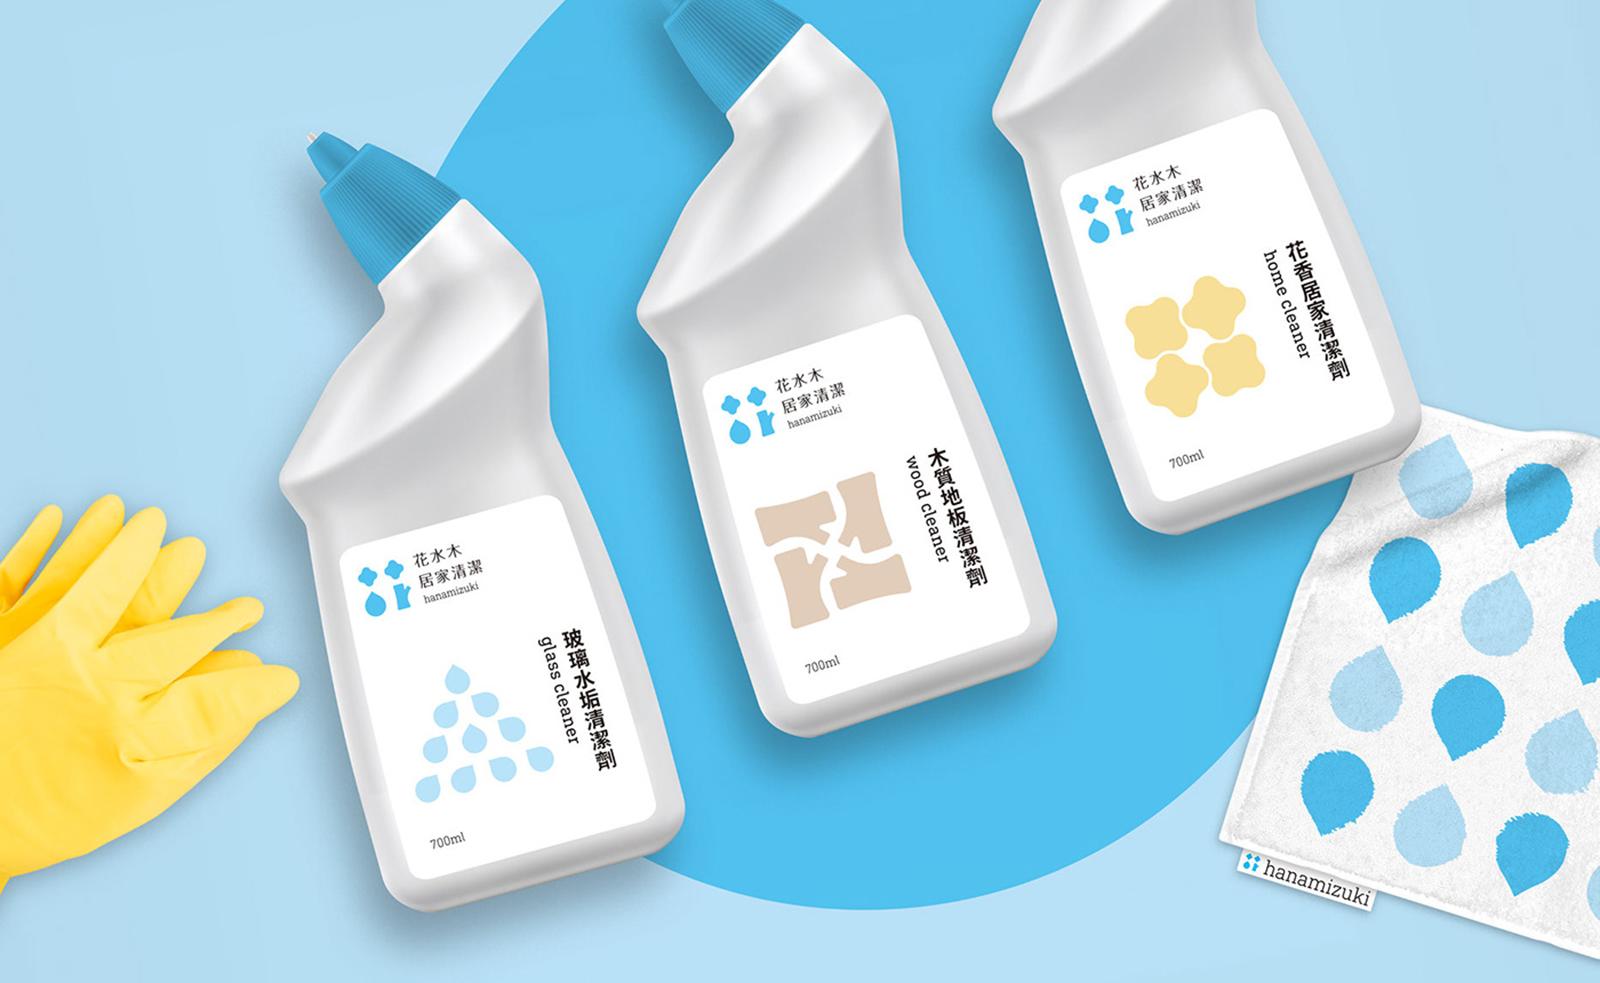 花水木居家清洁用品品牌形象设计欣赏-深圳VI设计13